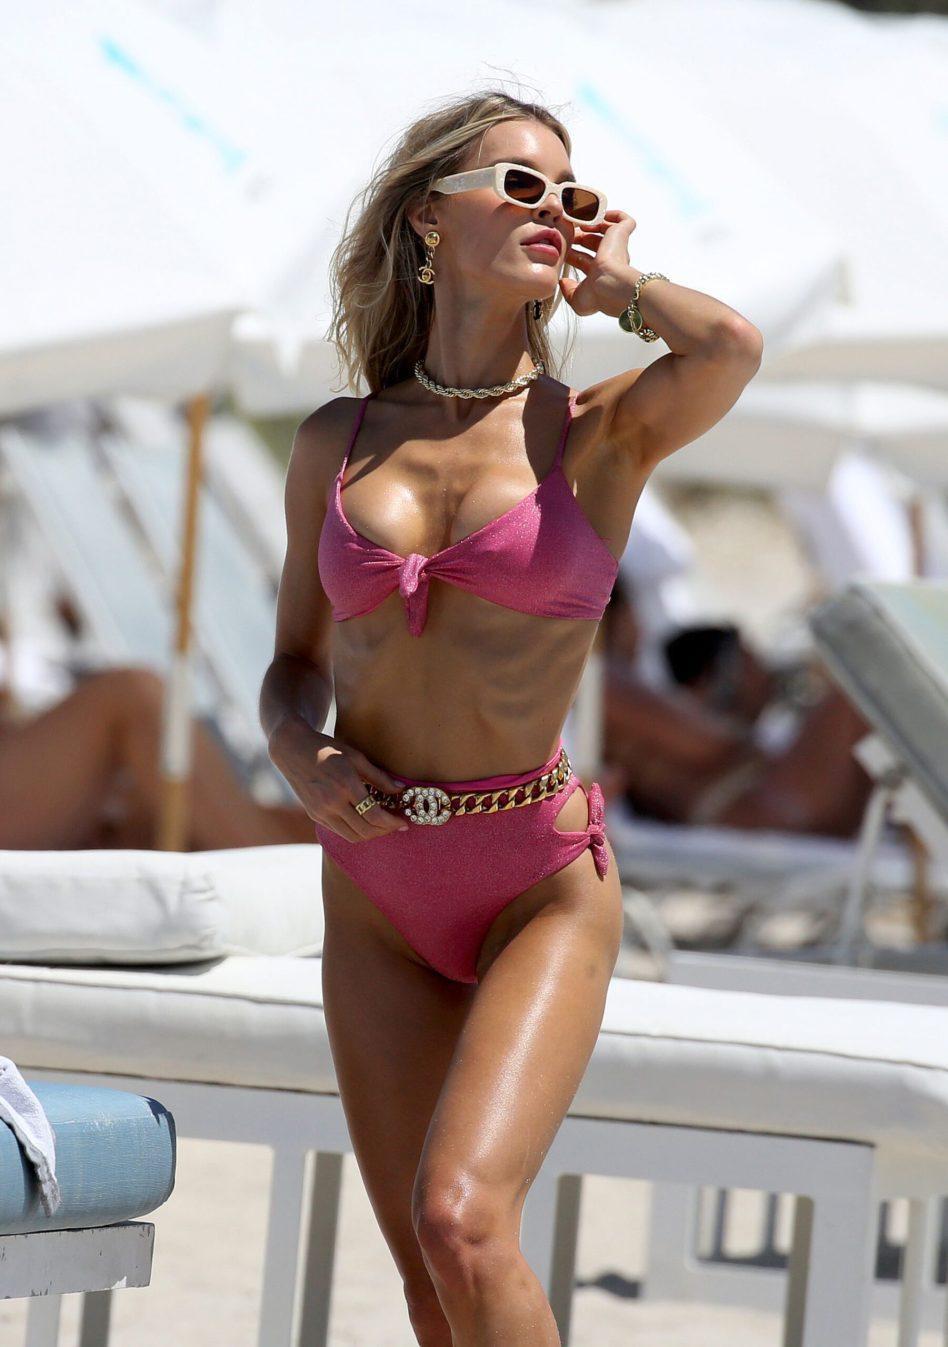 Chân dài 9x Joy Corrigan cực nóng bỏng ở biển với áo tắm xẻ sâu hút mắt Ảnh 7